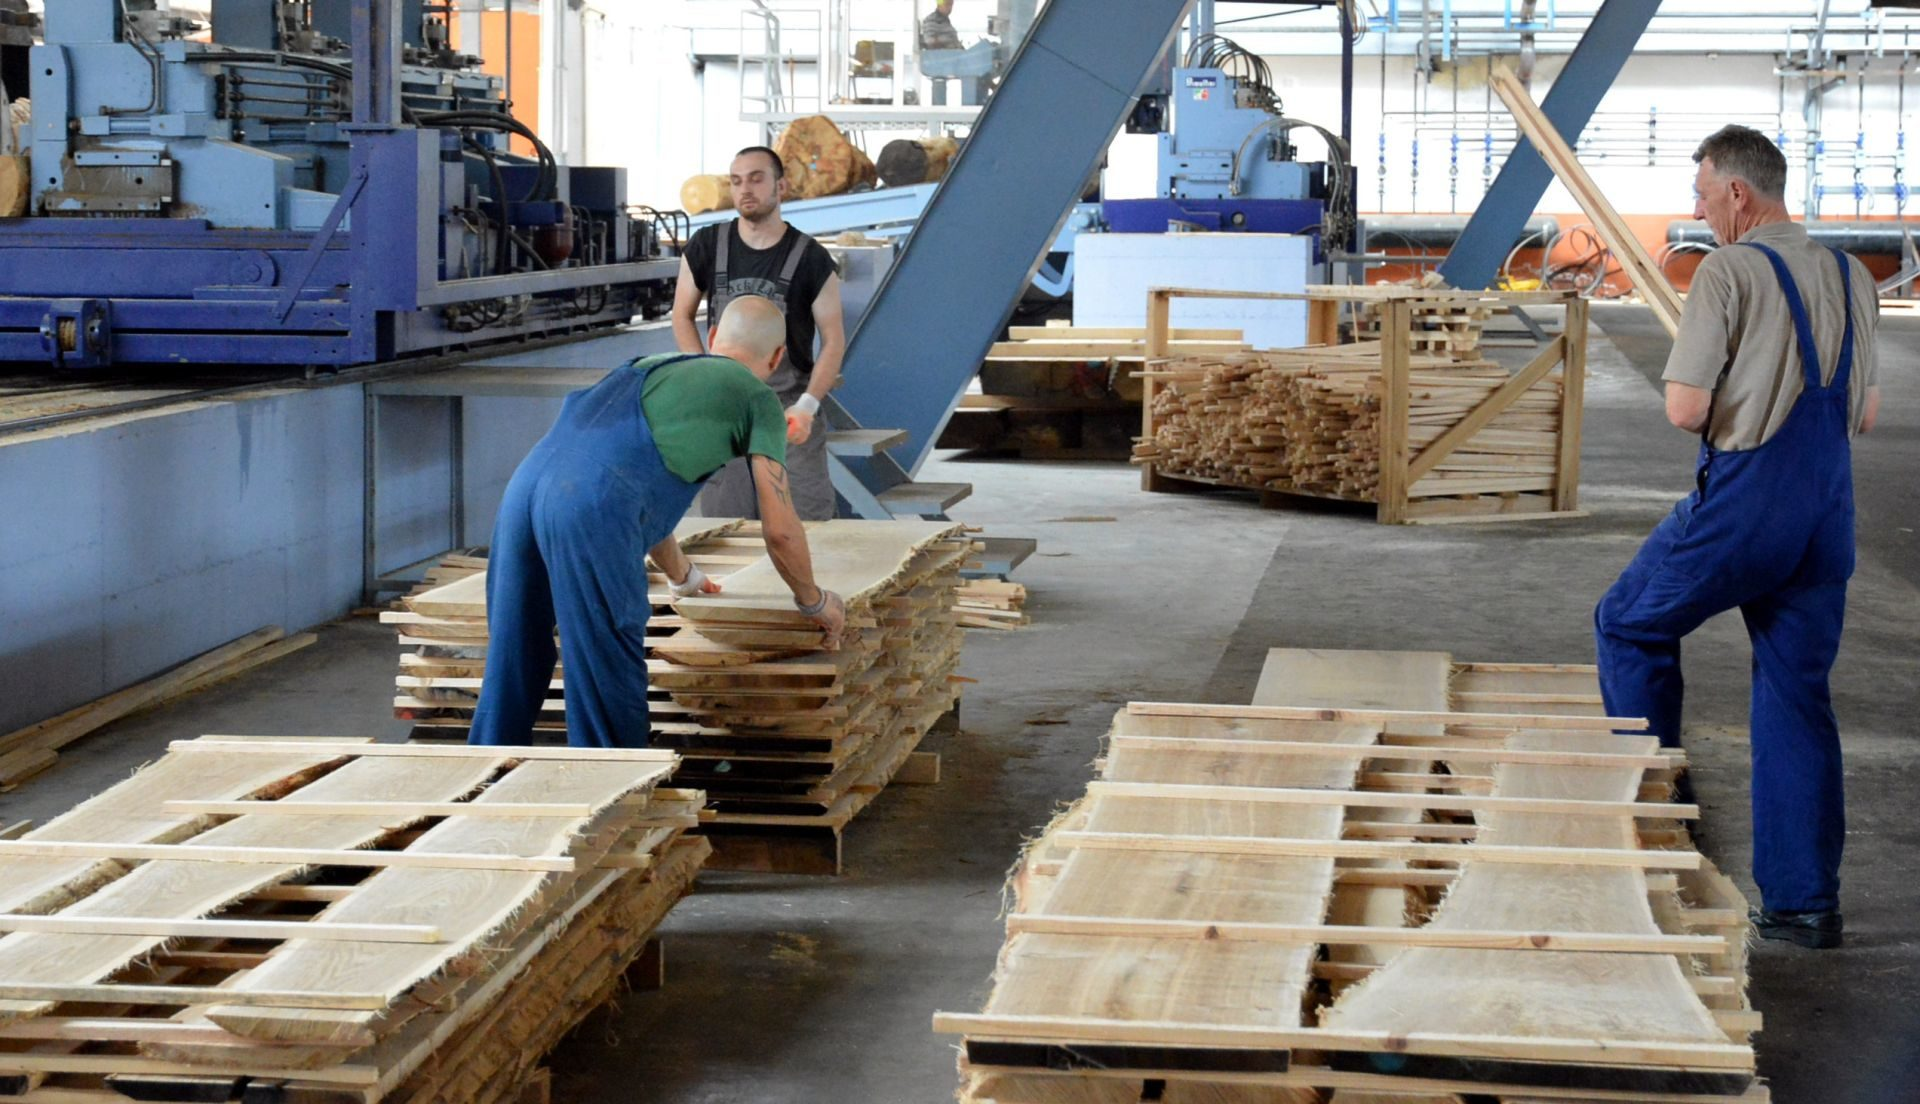 DOBRE VIJESTI Industrijska proizvodnja porasla peti mjesec zaredom